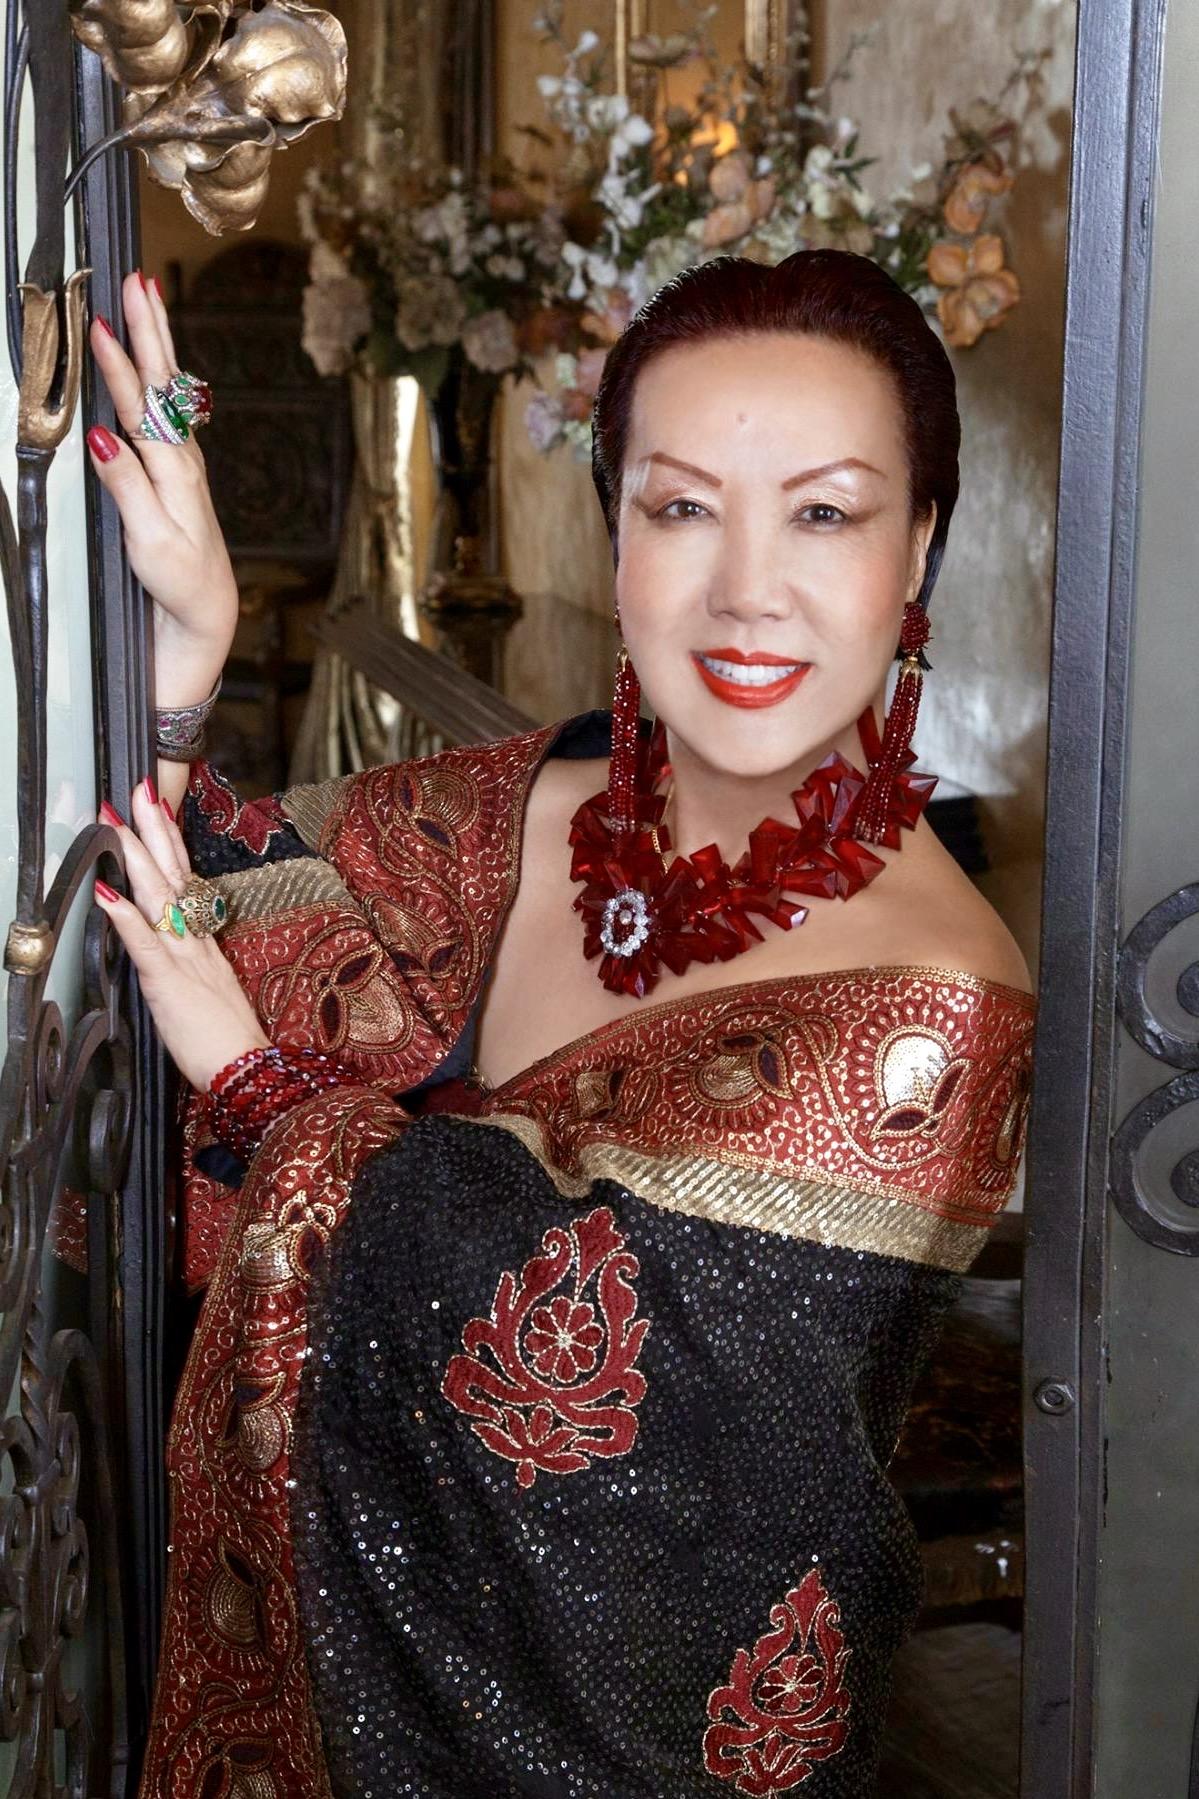 Iconic Designer Sue Wong Launches New Venture SUE WONG DESIGNER SIGNATURE HOMES